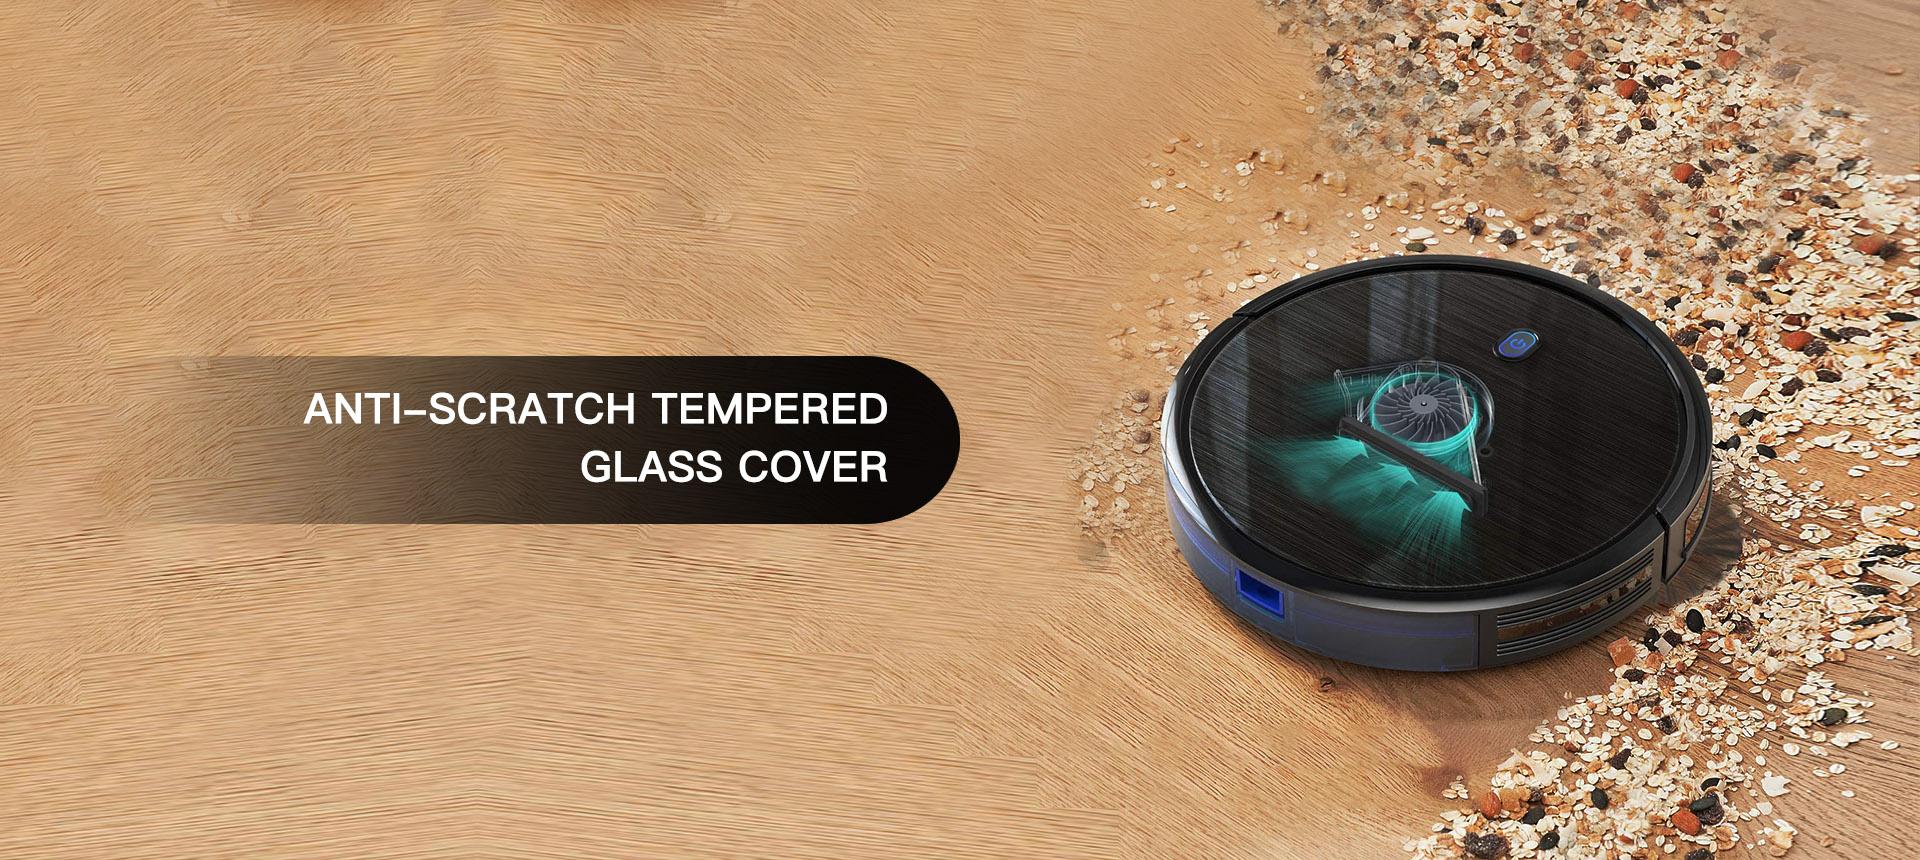 Anti-scratch Tempered Glass Cover